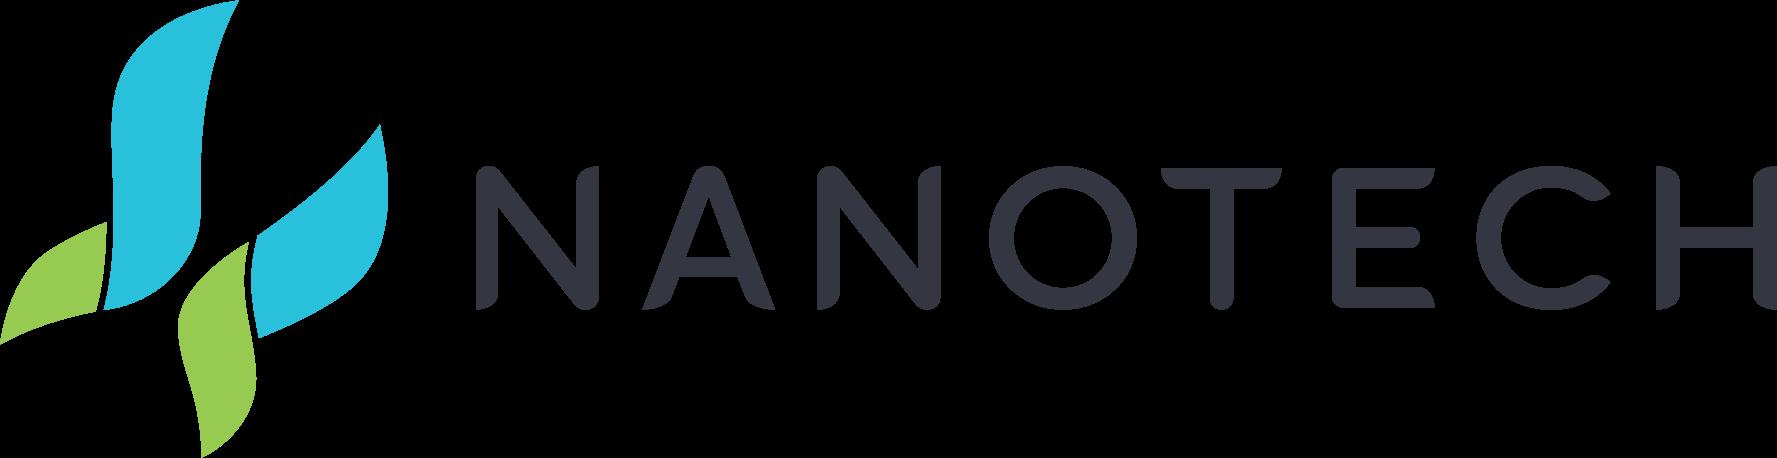 Nanotech Security Corp